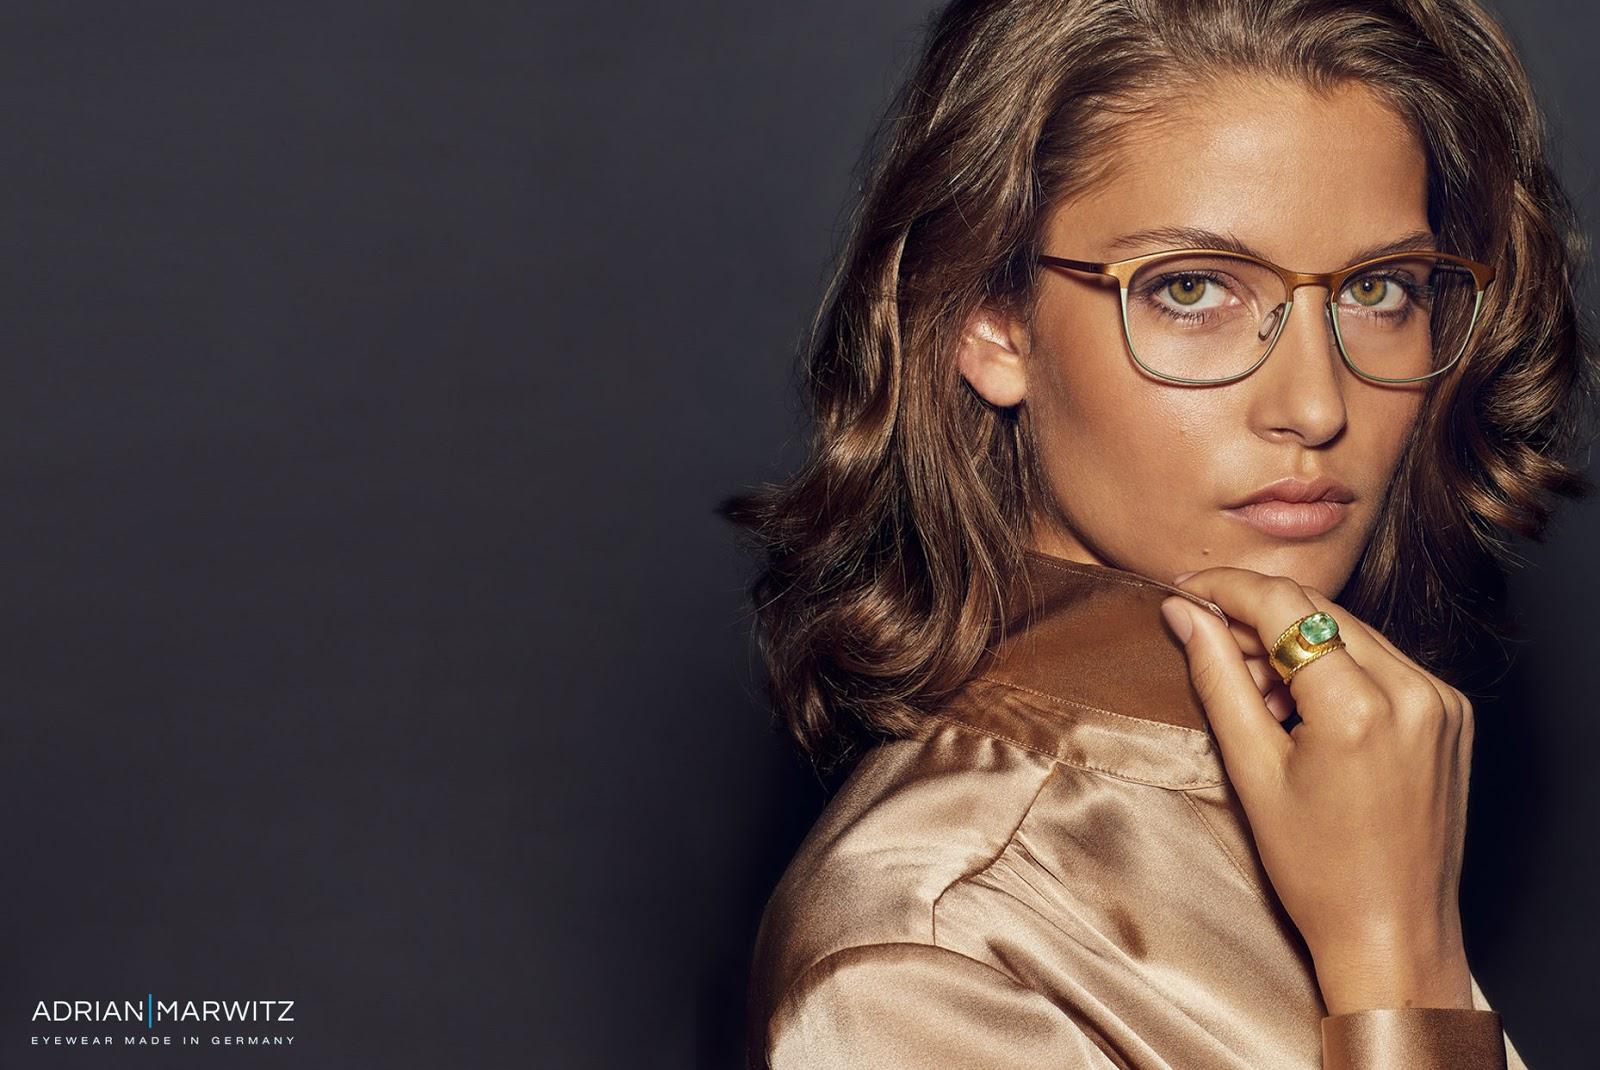 'Urban Stranger' the ADRIAN MARWITZ Eyewear campaign by SACHA TASSILO HÖCHSTETTER